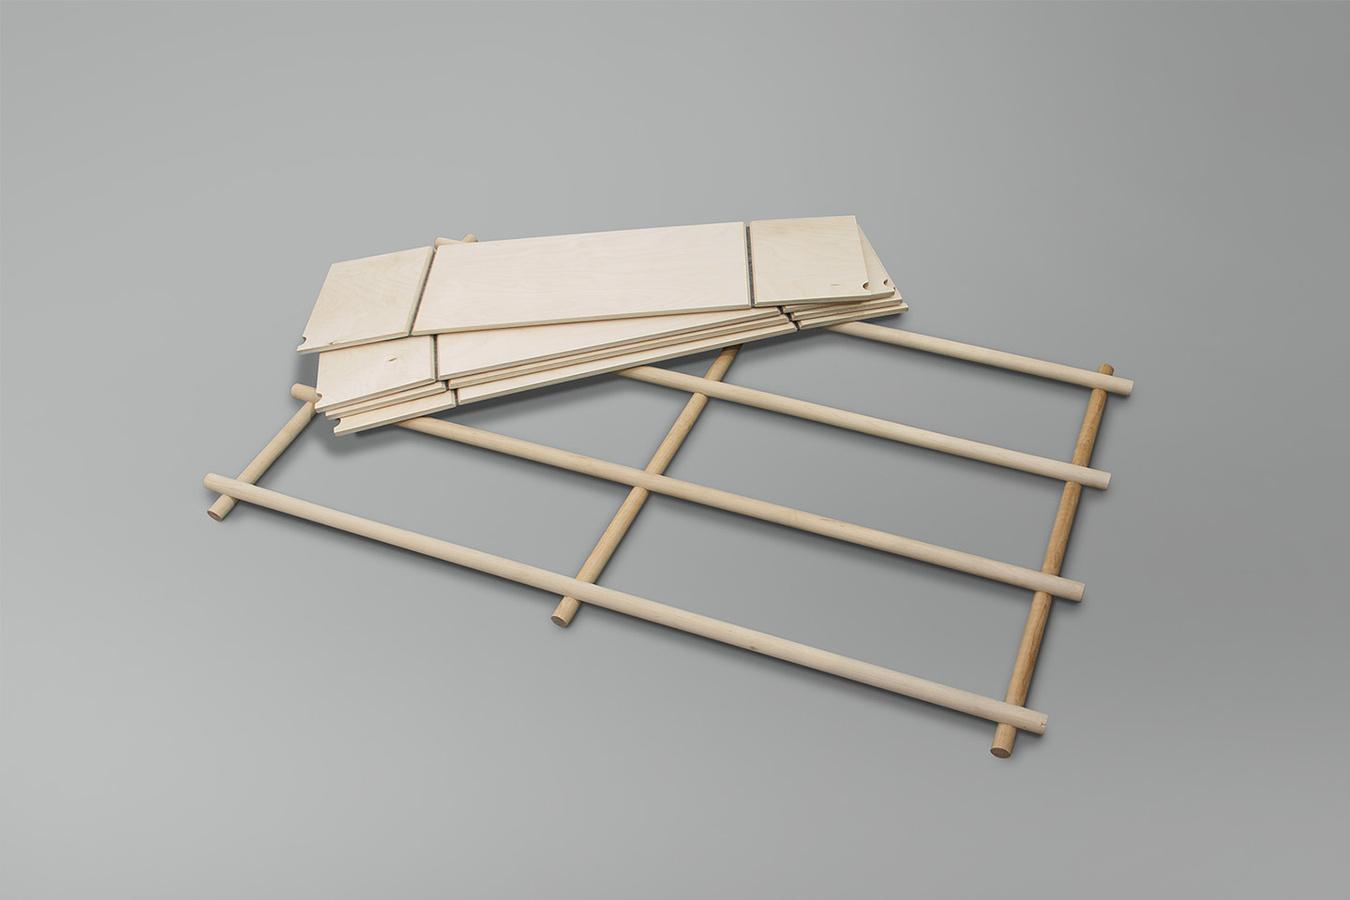 折りたたみ式のフレームワークをつけることにより増設可能な棚「Foldin」7